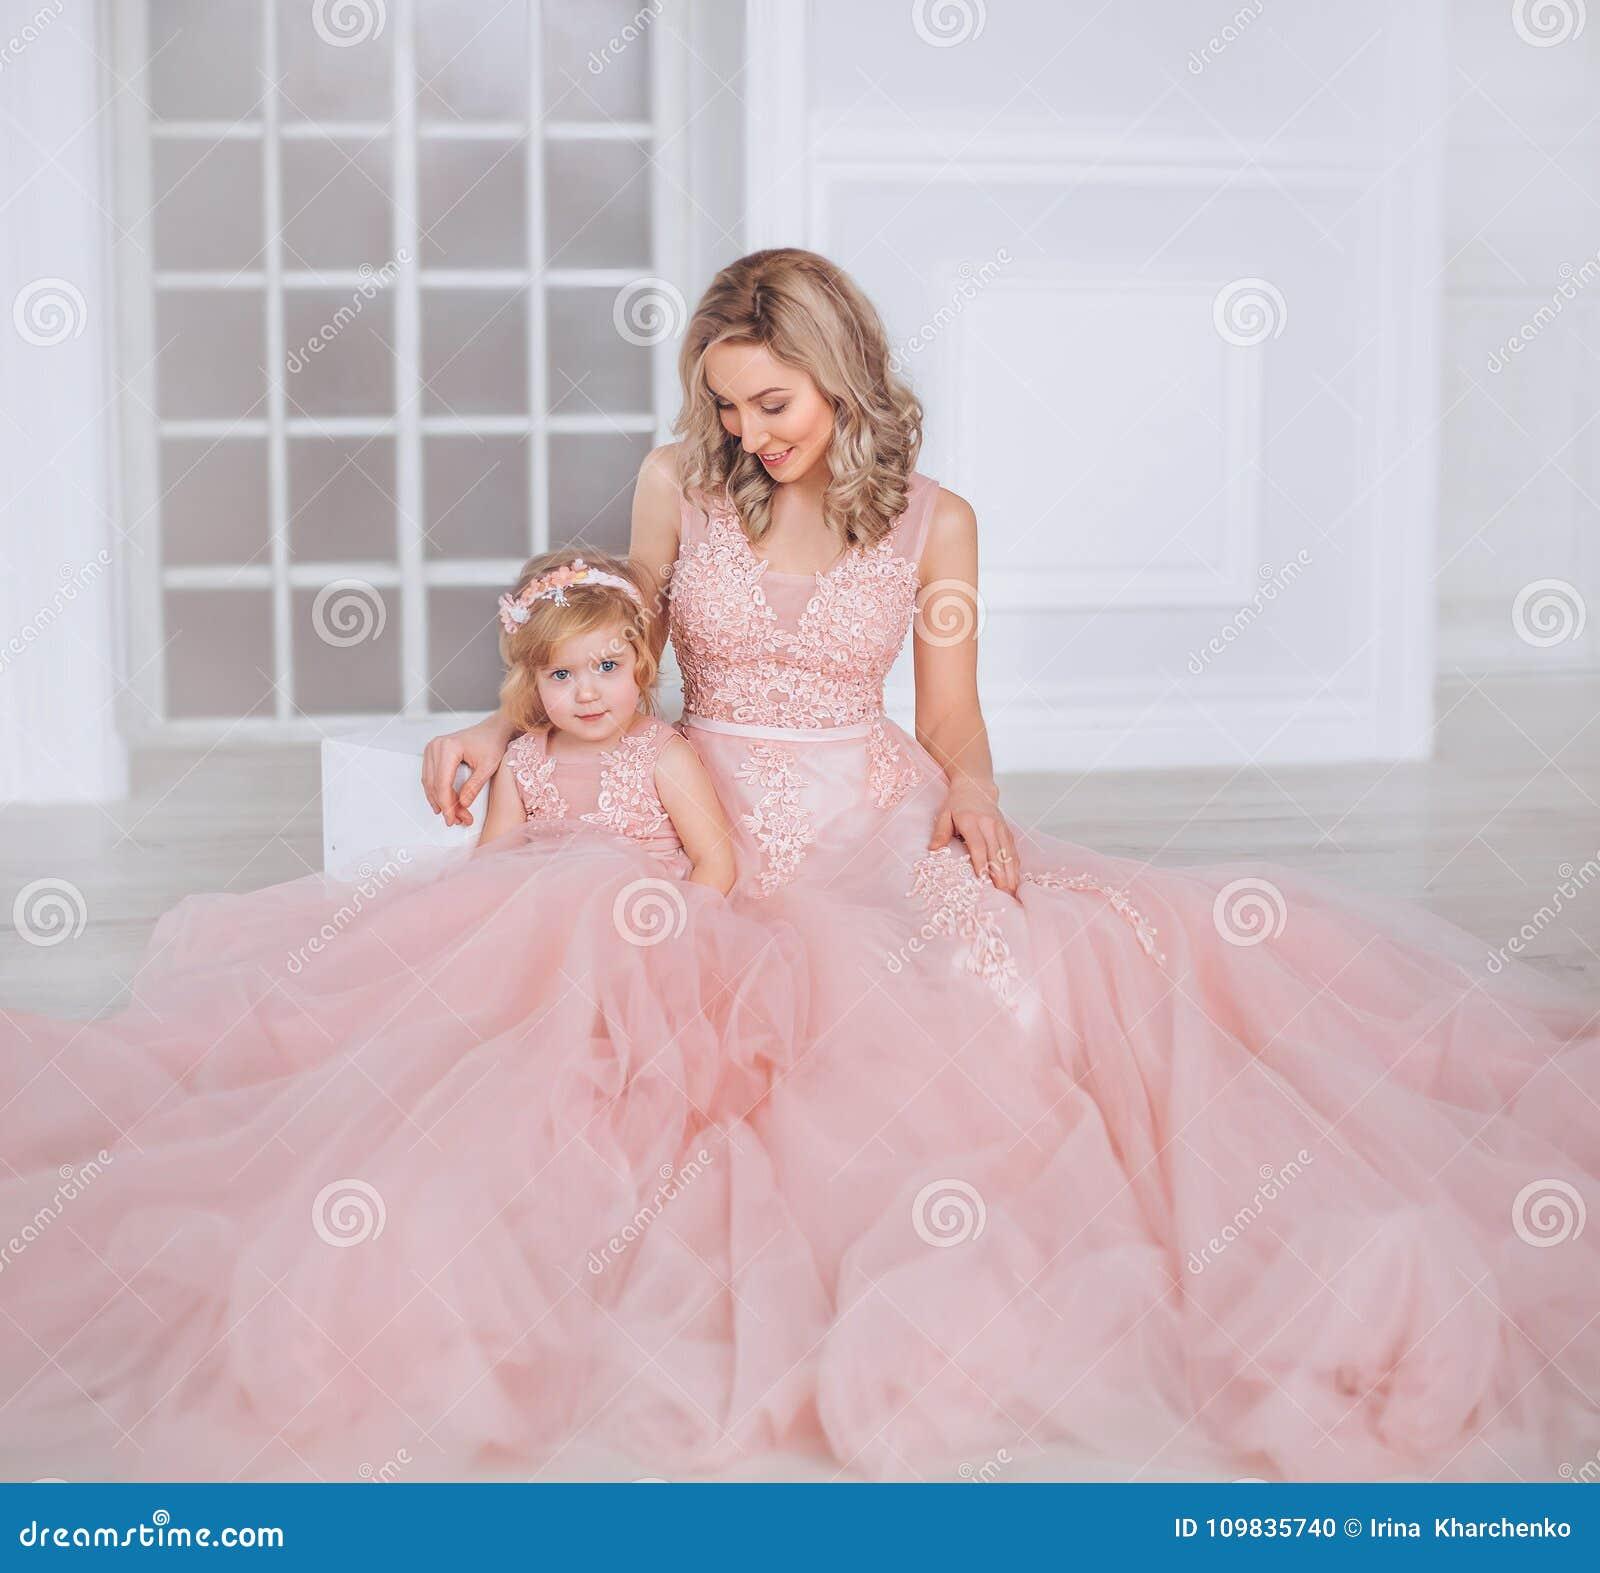 22df70ced2a Mutter Und Tochter In Luxuriösem